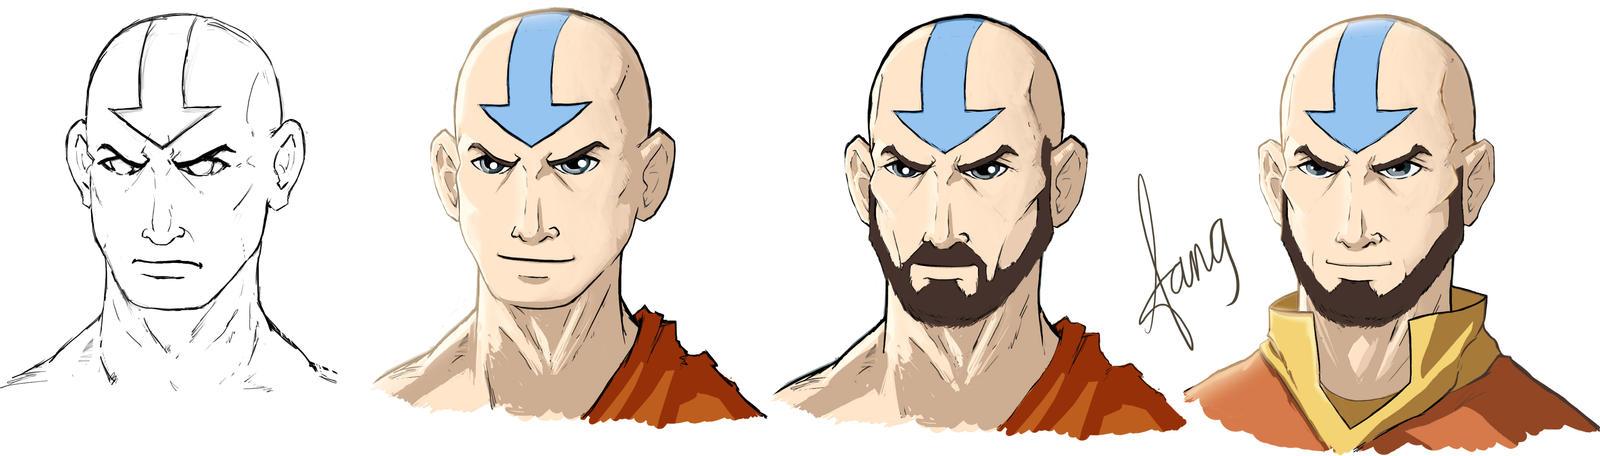 Avatar Aang 2 by AzadX on DeviantArt: azadx.deviantart.com/art/Avatar-Aang-2-336641508